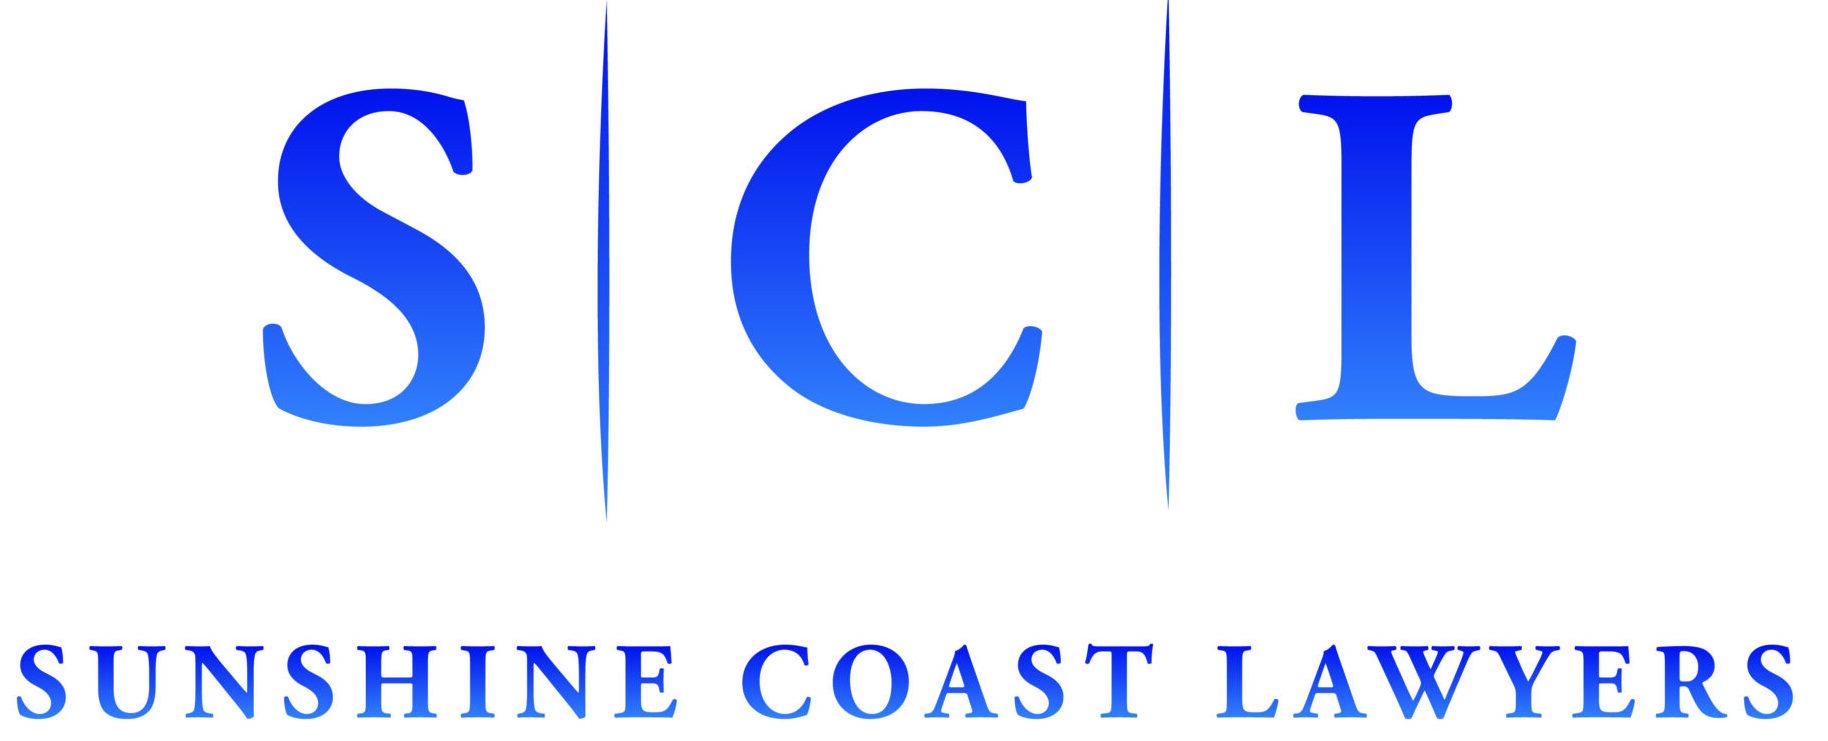 Sunshine Coast Lawyers